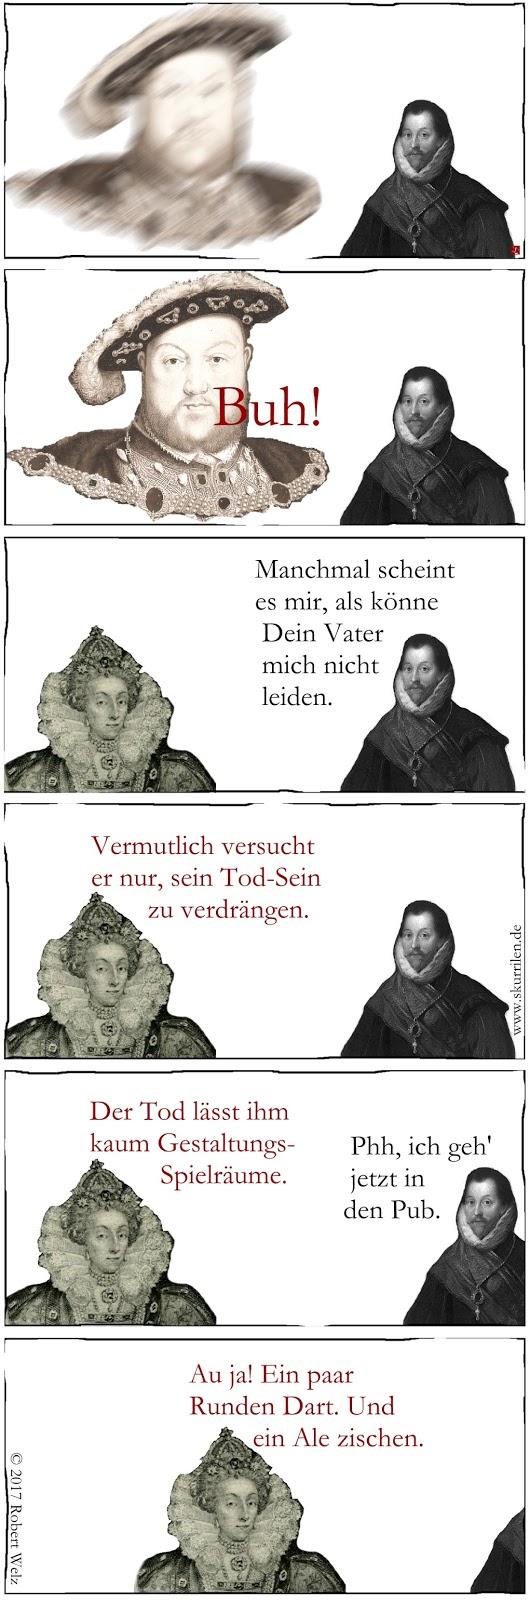 satirisch-komische Comic-Collage mit historischen Figuren: Henry VIII. von England spukt als Gepenst. Pirat Francis Drake und Königin Elizabeth I. philosophieren